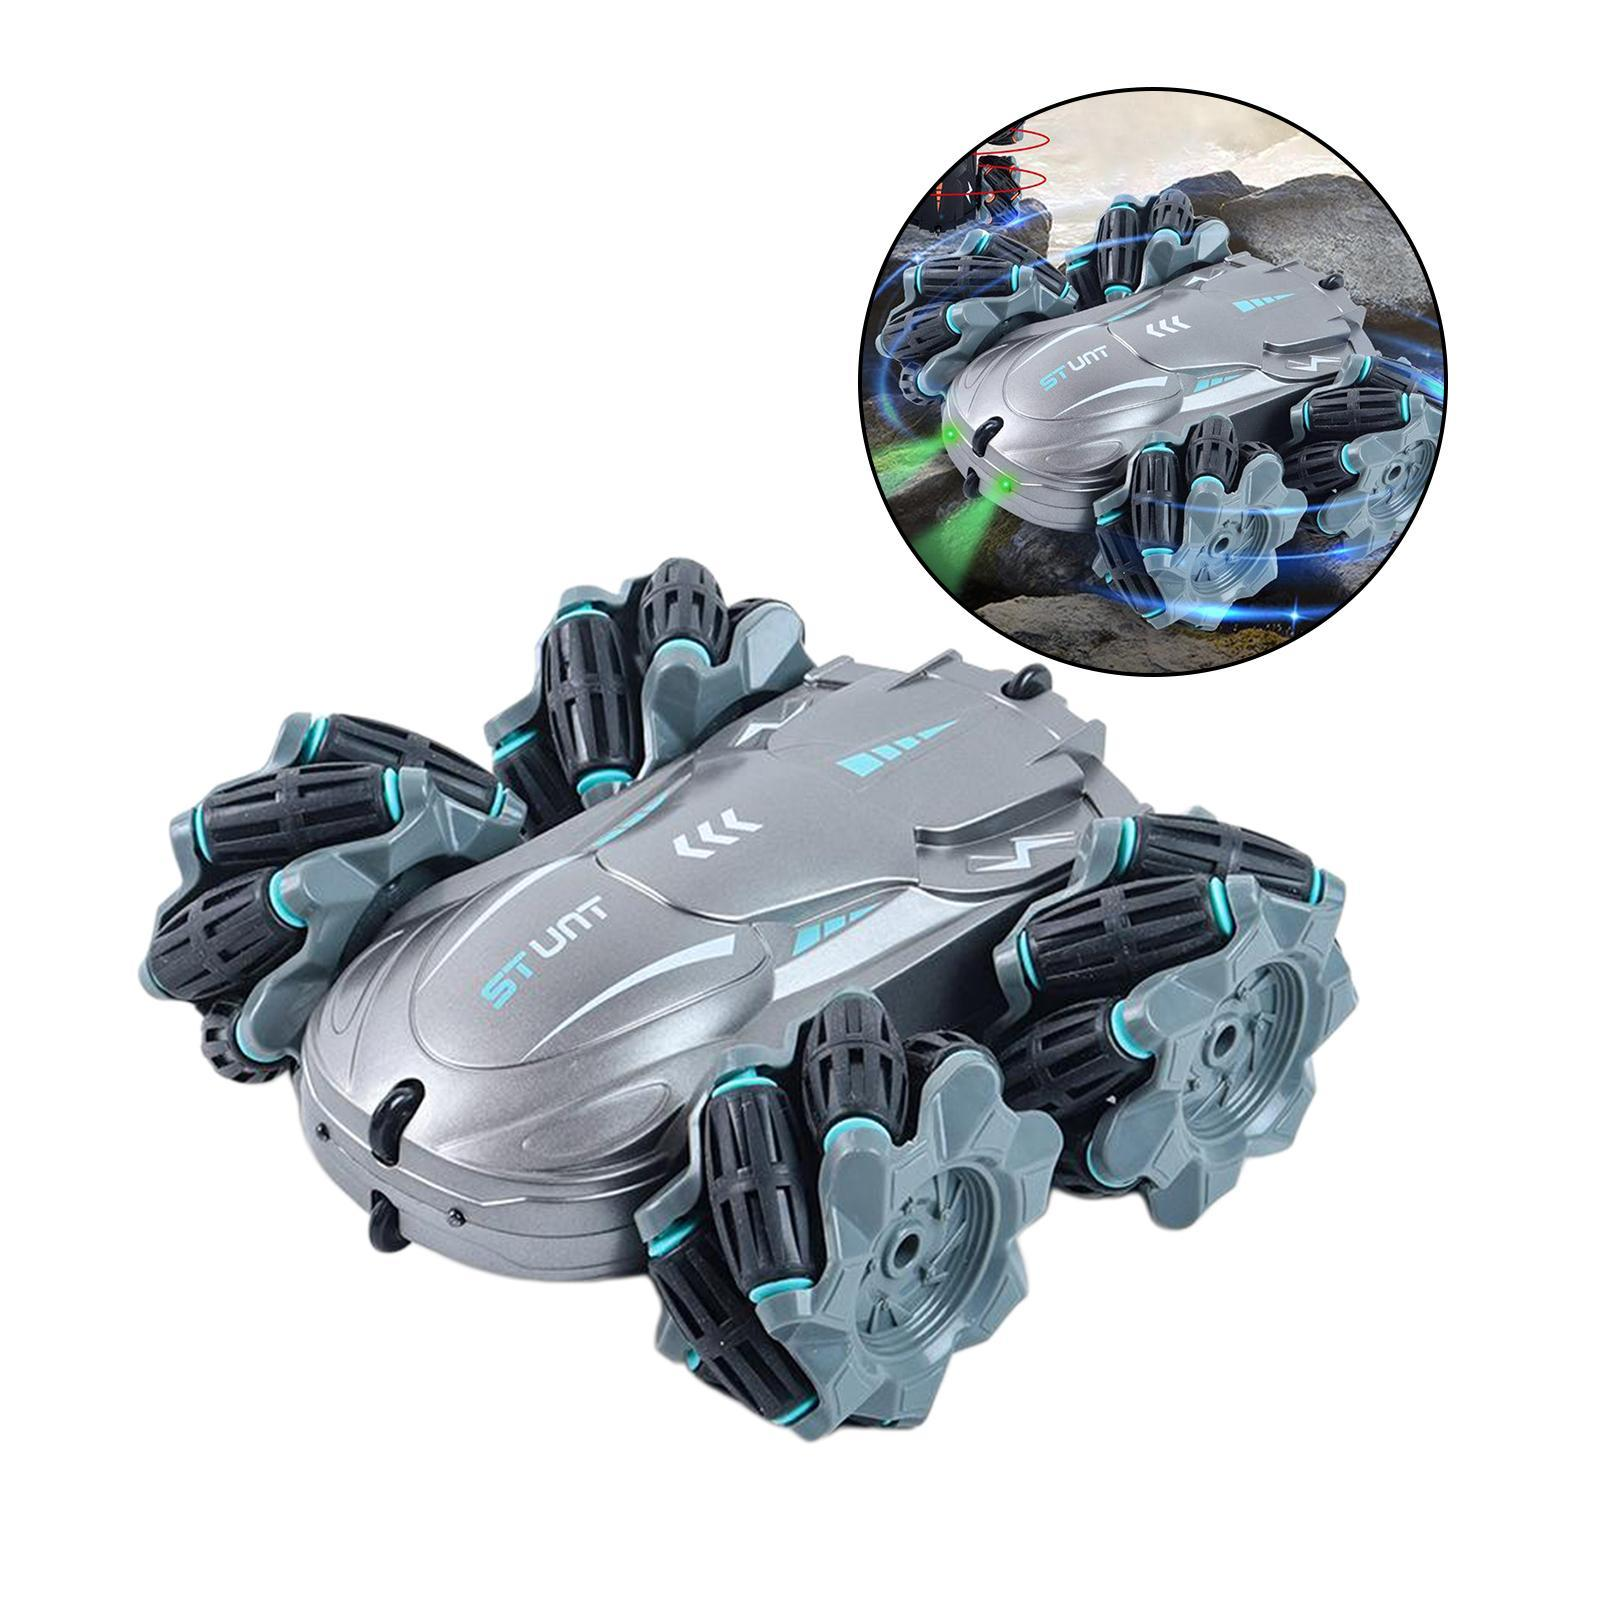 miniatura 22 - Telecomando Auto Stunt Car Giocattolo Per Bambini 2.4GHz di Controllo Remoto